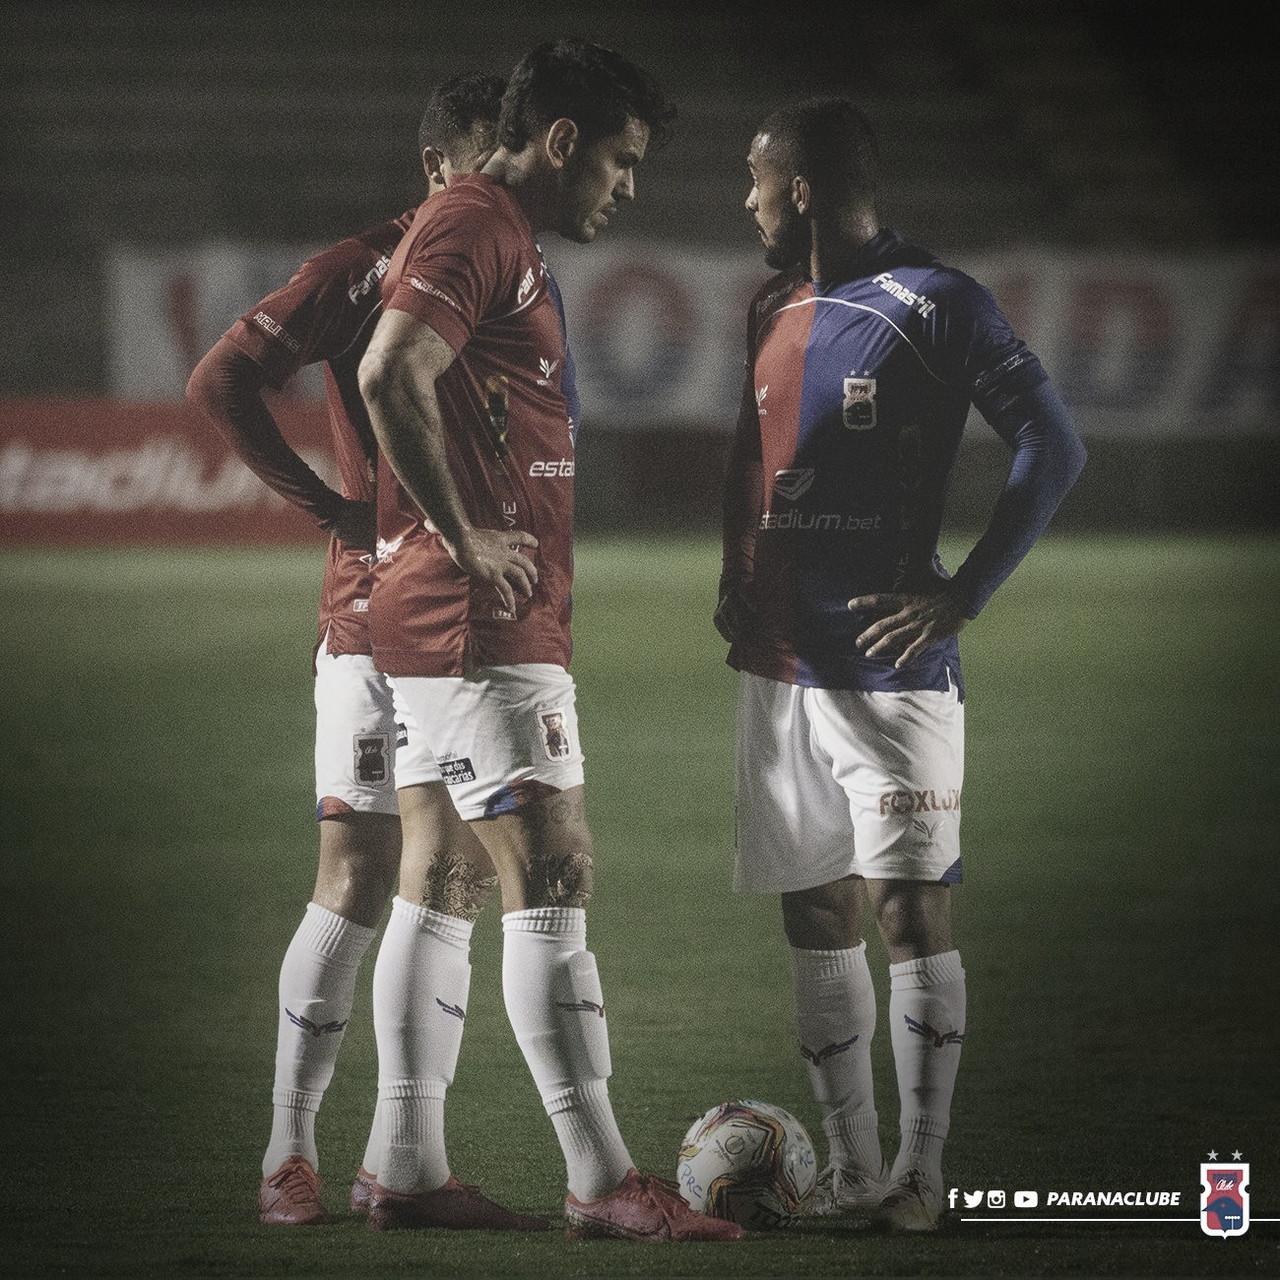 """Na ponta da Série B, Allan Aal elogia Paraná, mas ressalta: """"Todo jogo vai ser muito difícil"""